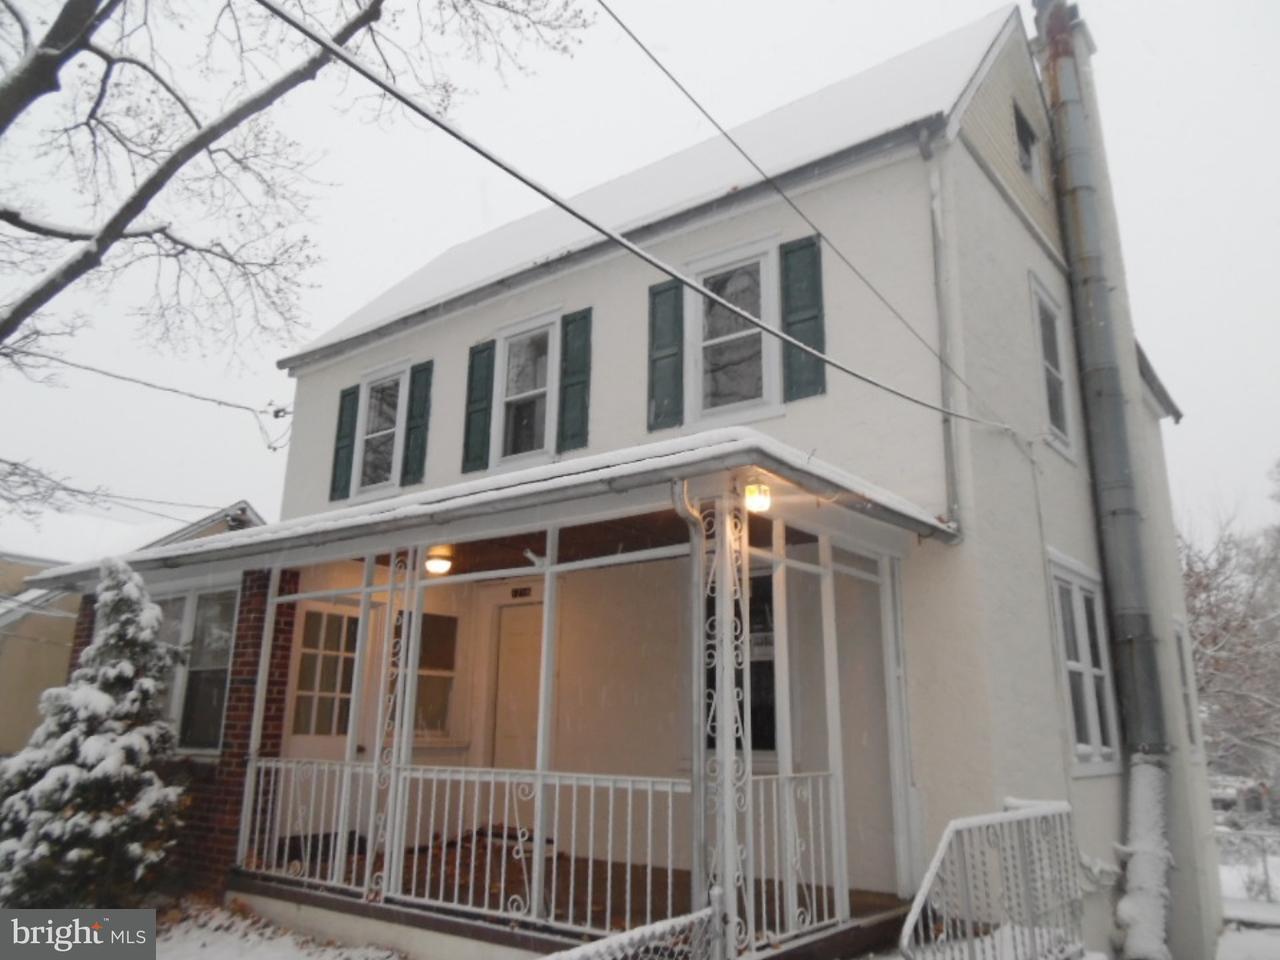 Частный односемейный дом для того Продажа на 1216 WOODLAND Avenue Sharon Hill, Пенсильвания 19079 Соединенные Штаты